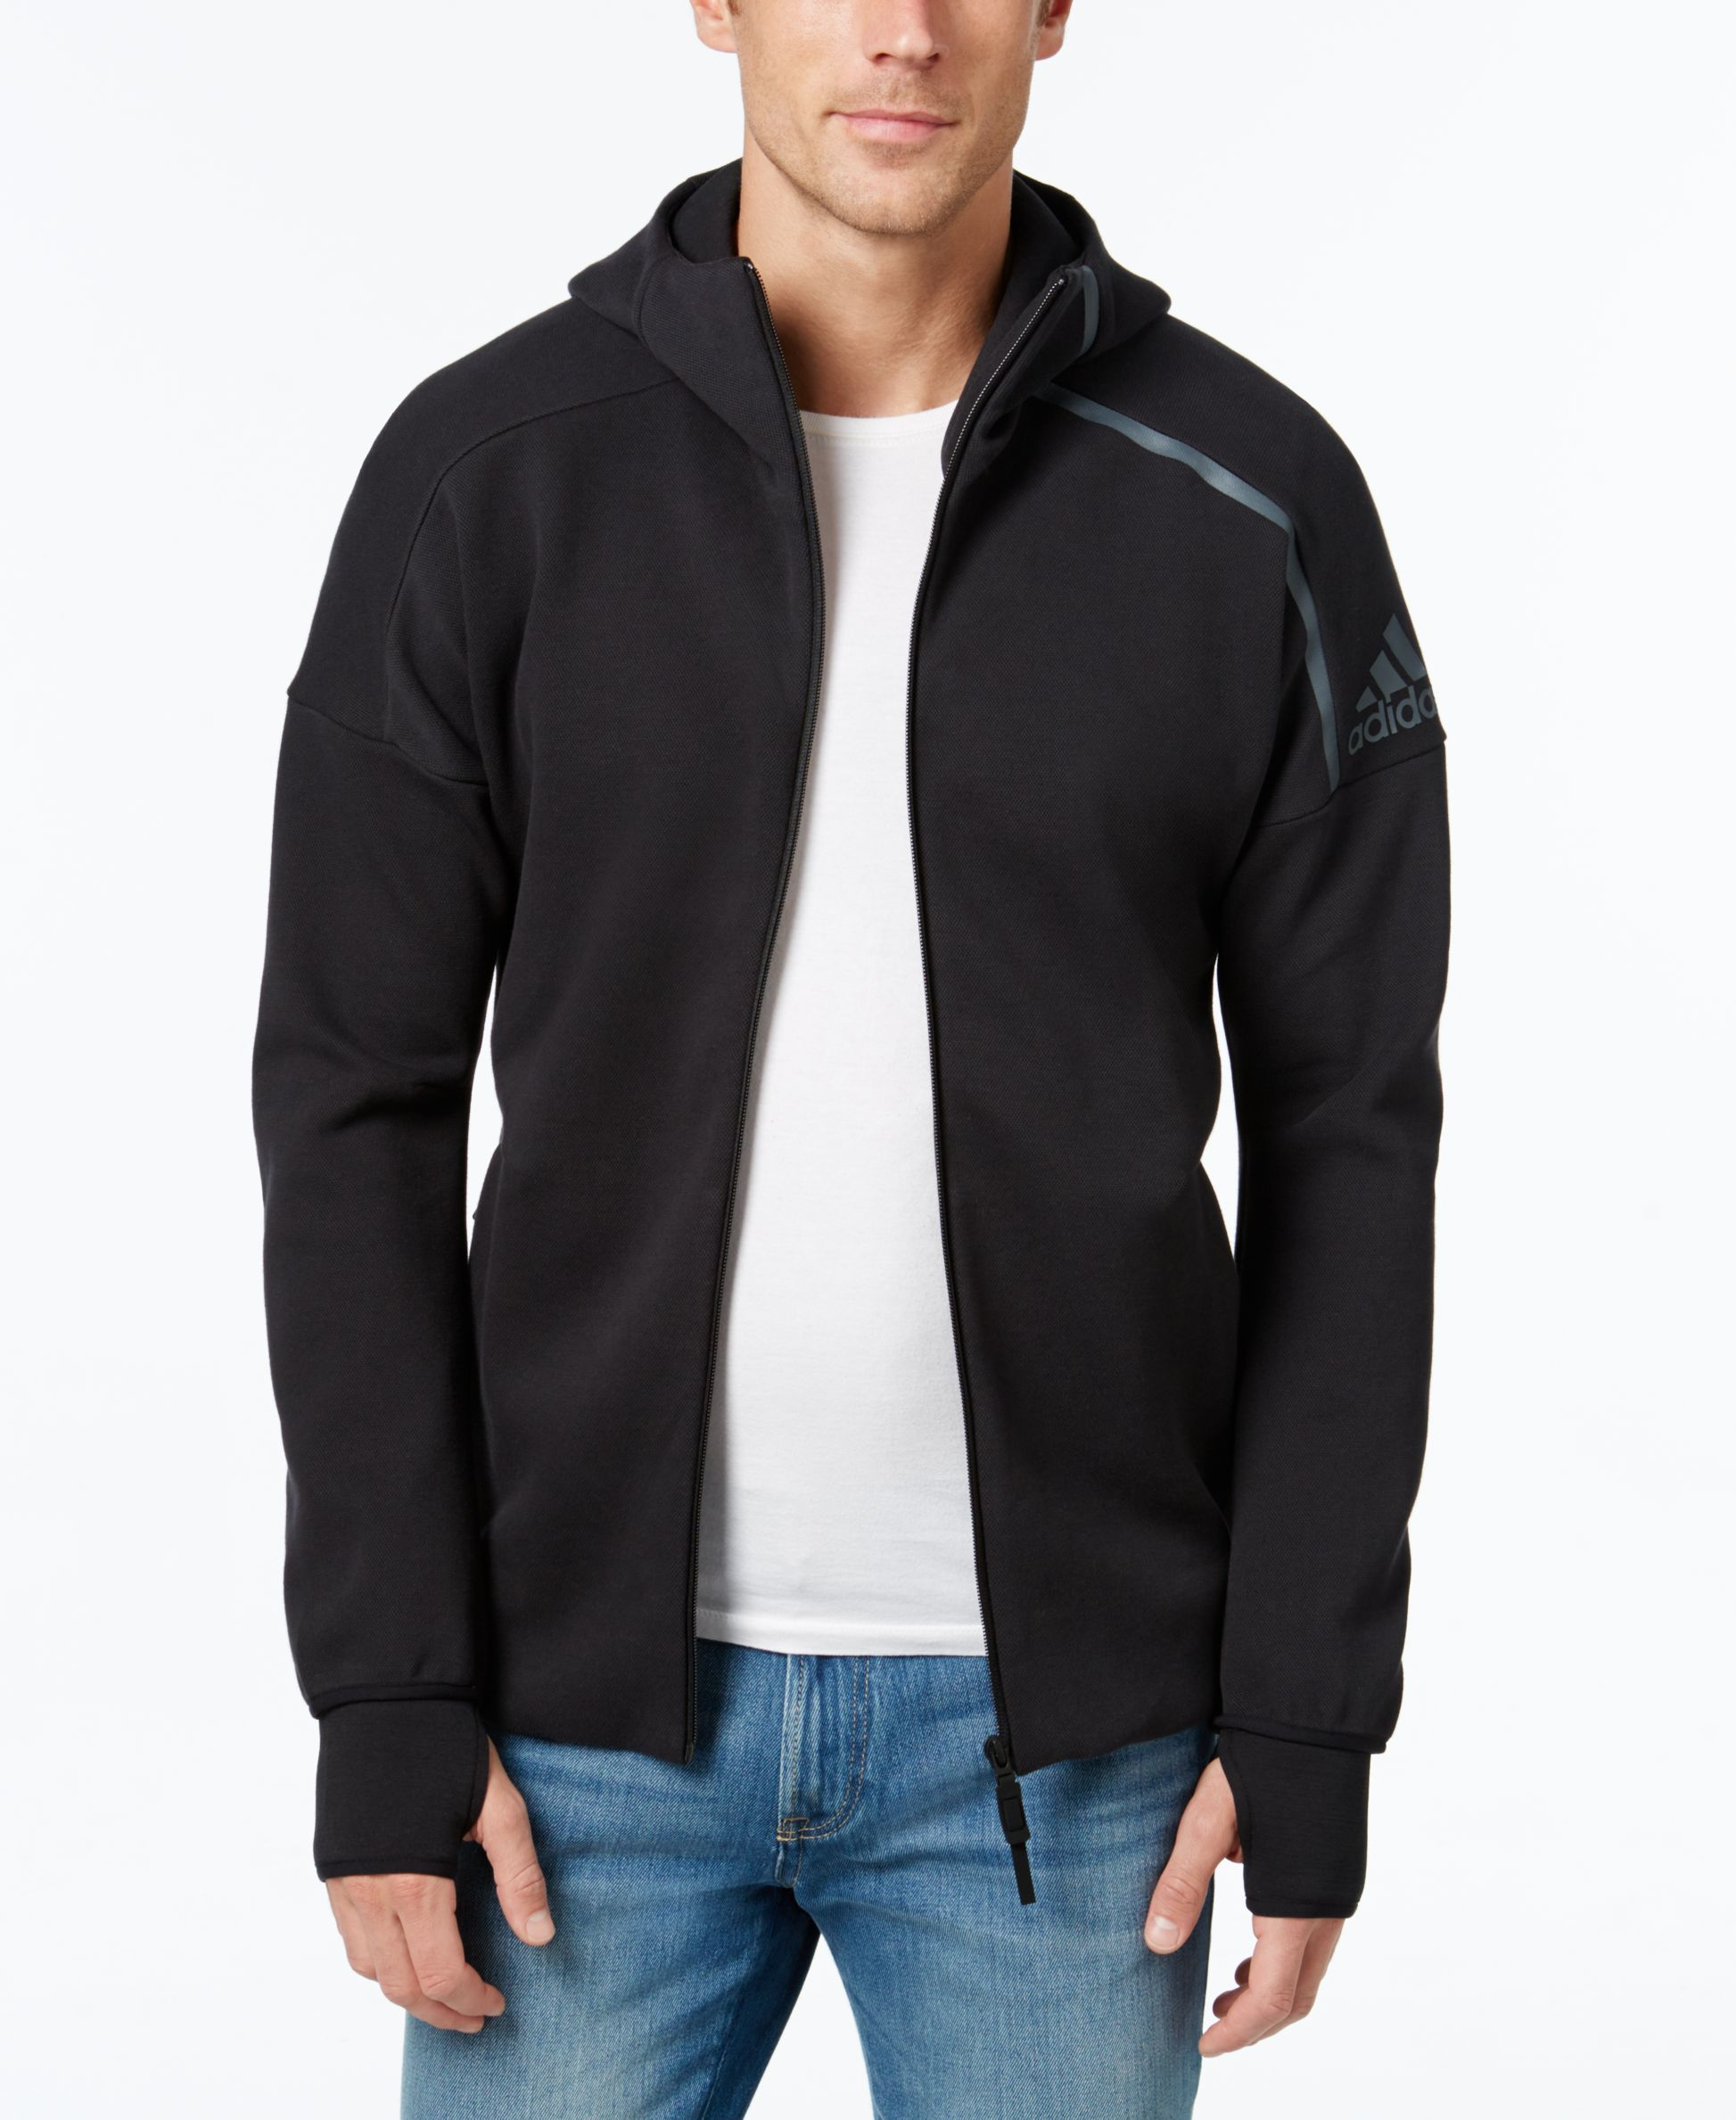 adidas Men's Z.n.e. Hoodie | Mens sweatshirts hoodie, Mens